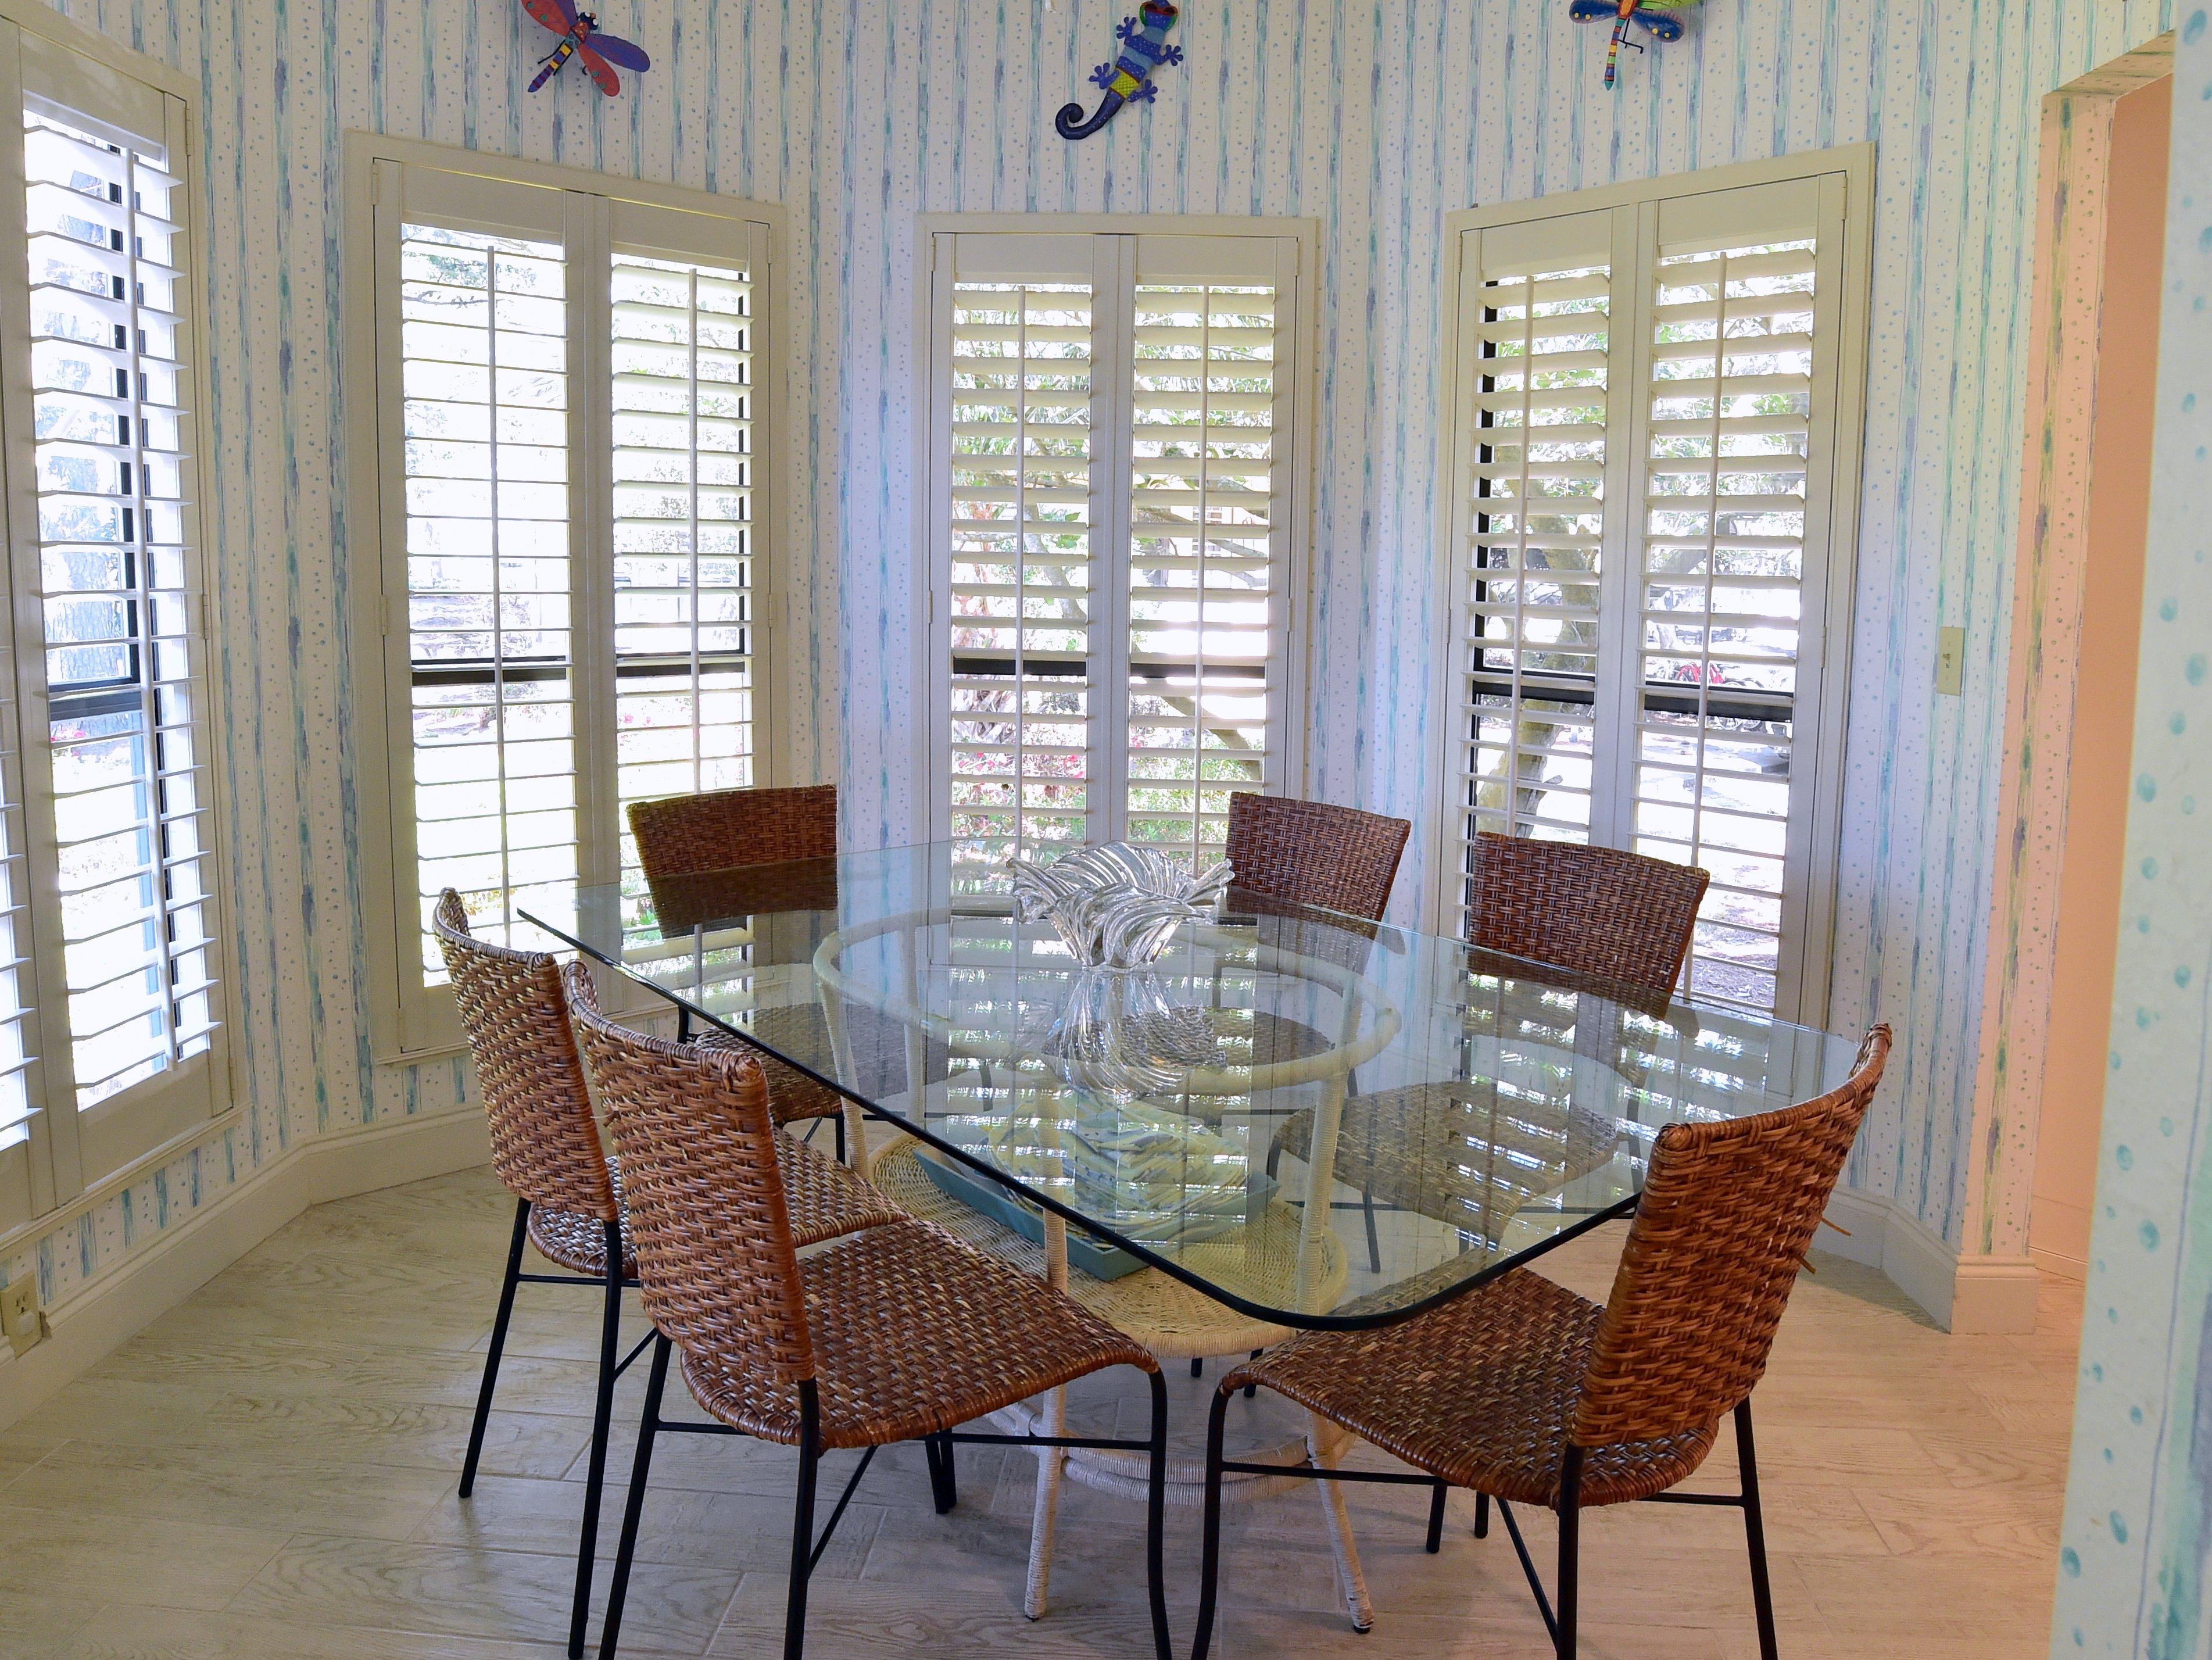 205 Fairways Condo rental in Sandestin Rentals ~ Cottages and Villas  in Destin Florida - #8